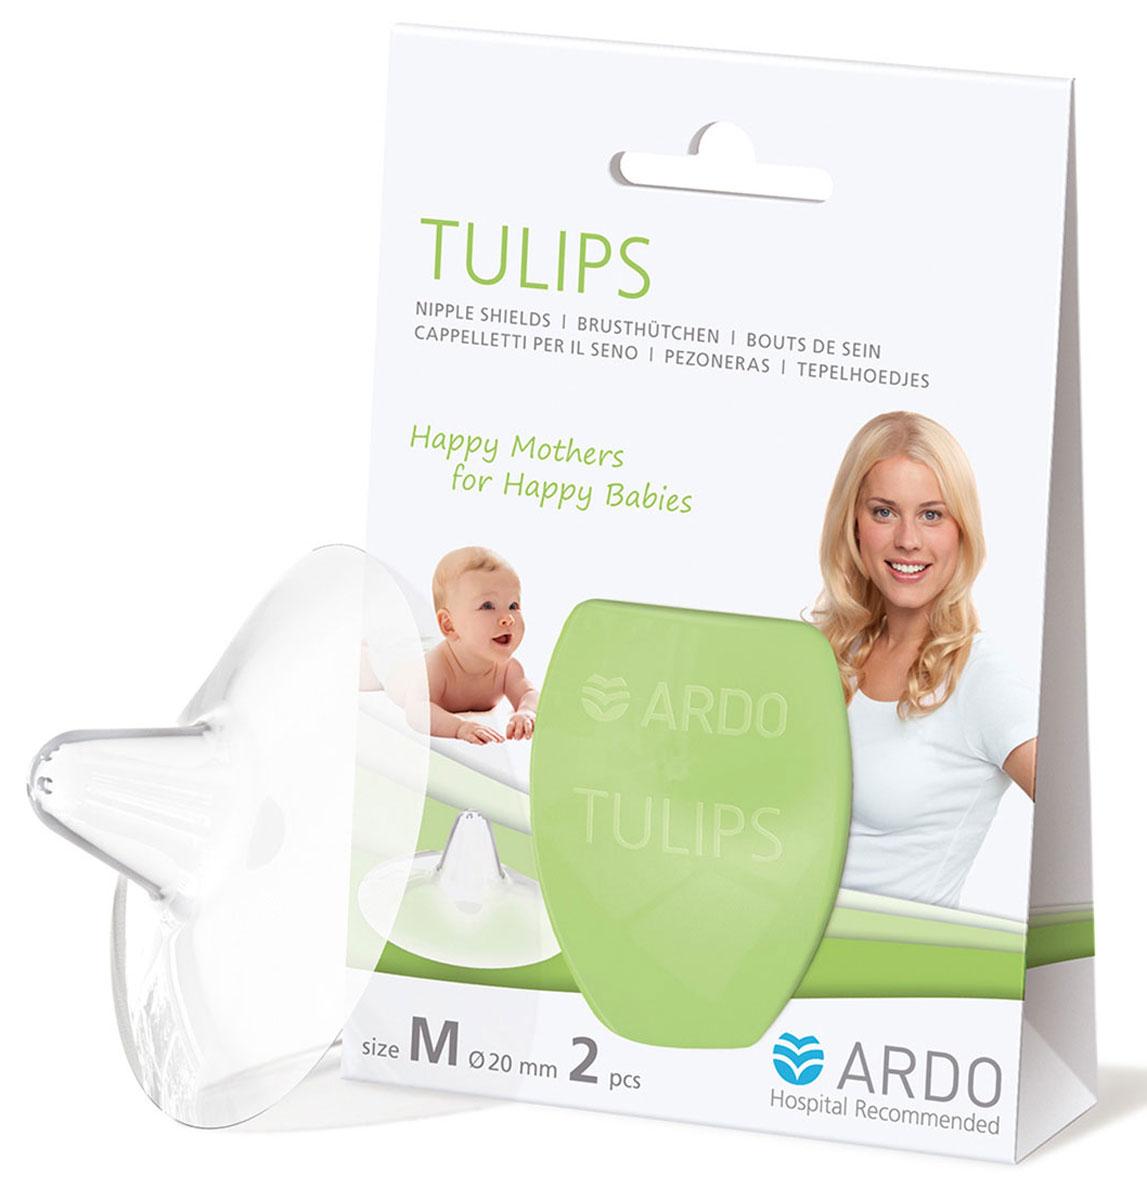 """Силиконовые накладки на грудь """"Tulips"""". Размер М, Ardo Medical"""